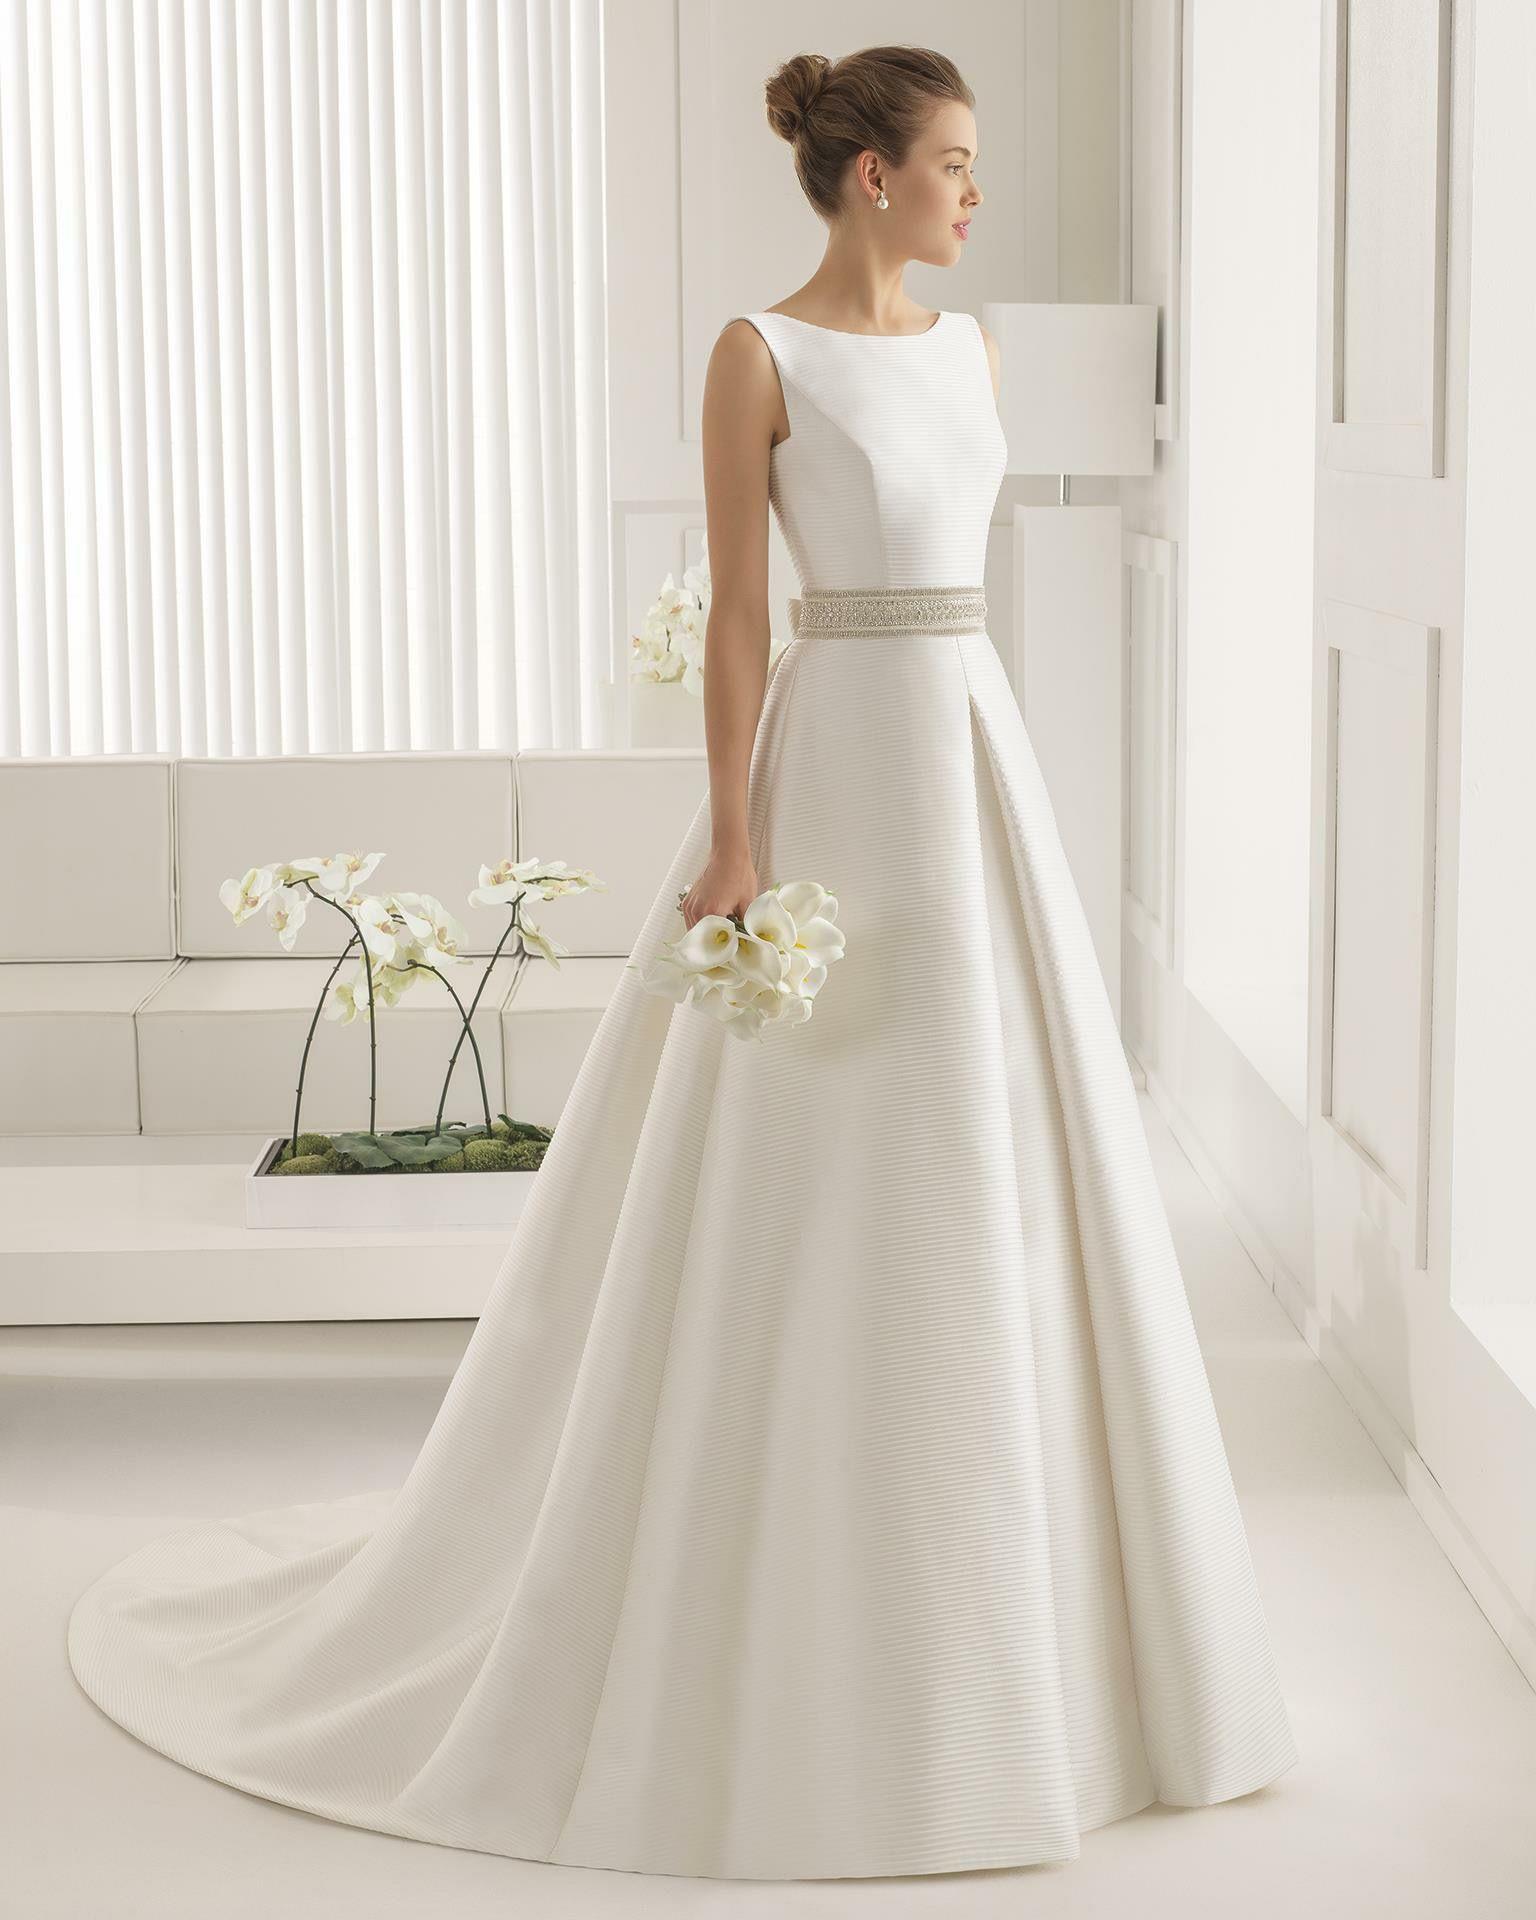 Satin Brautkleid Mit Kellerfalten  Hochzeitskleid - Abendkleid